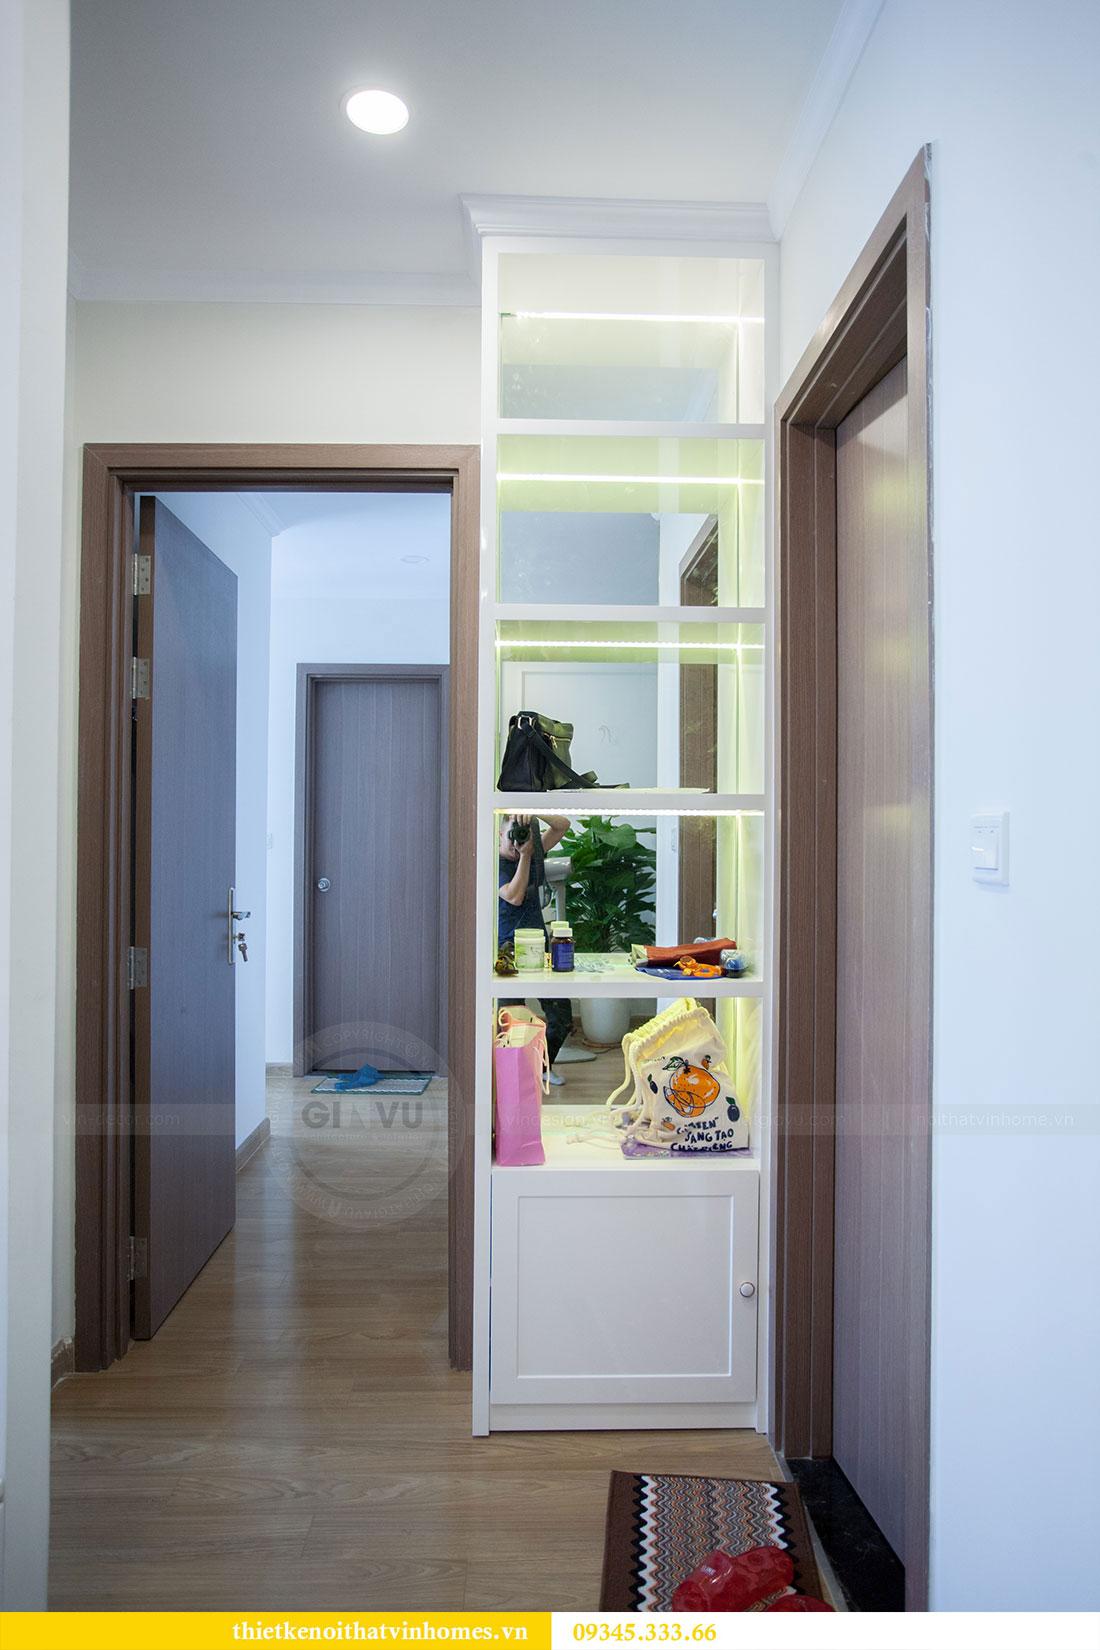 Hoàn thiện nội thất chung cư Dcapitale căn 2 phòng ngủ 11